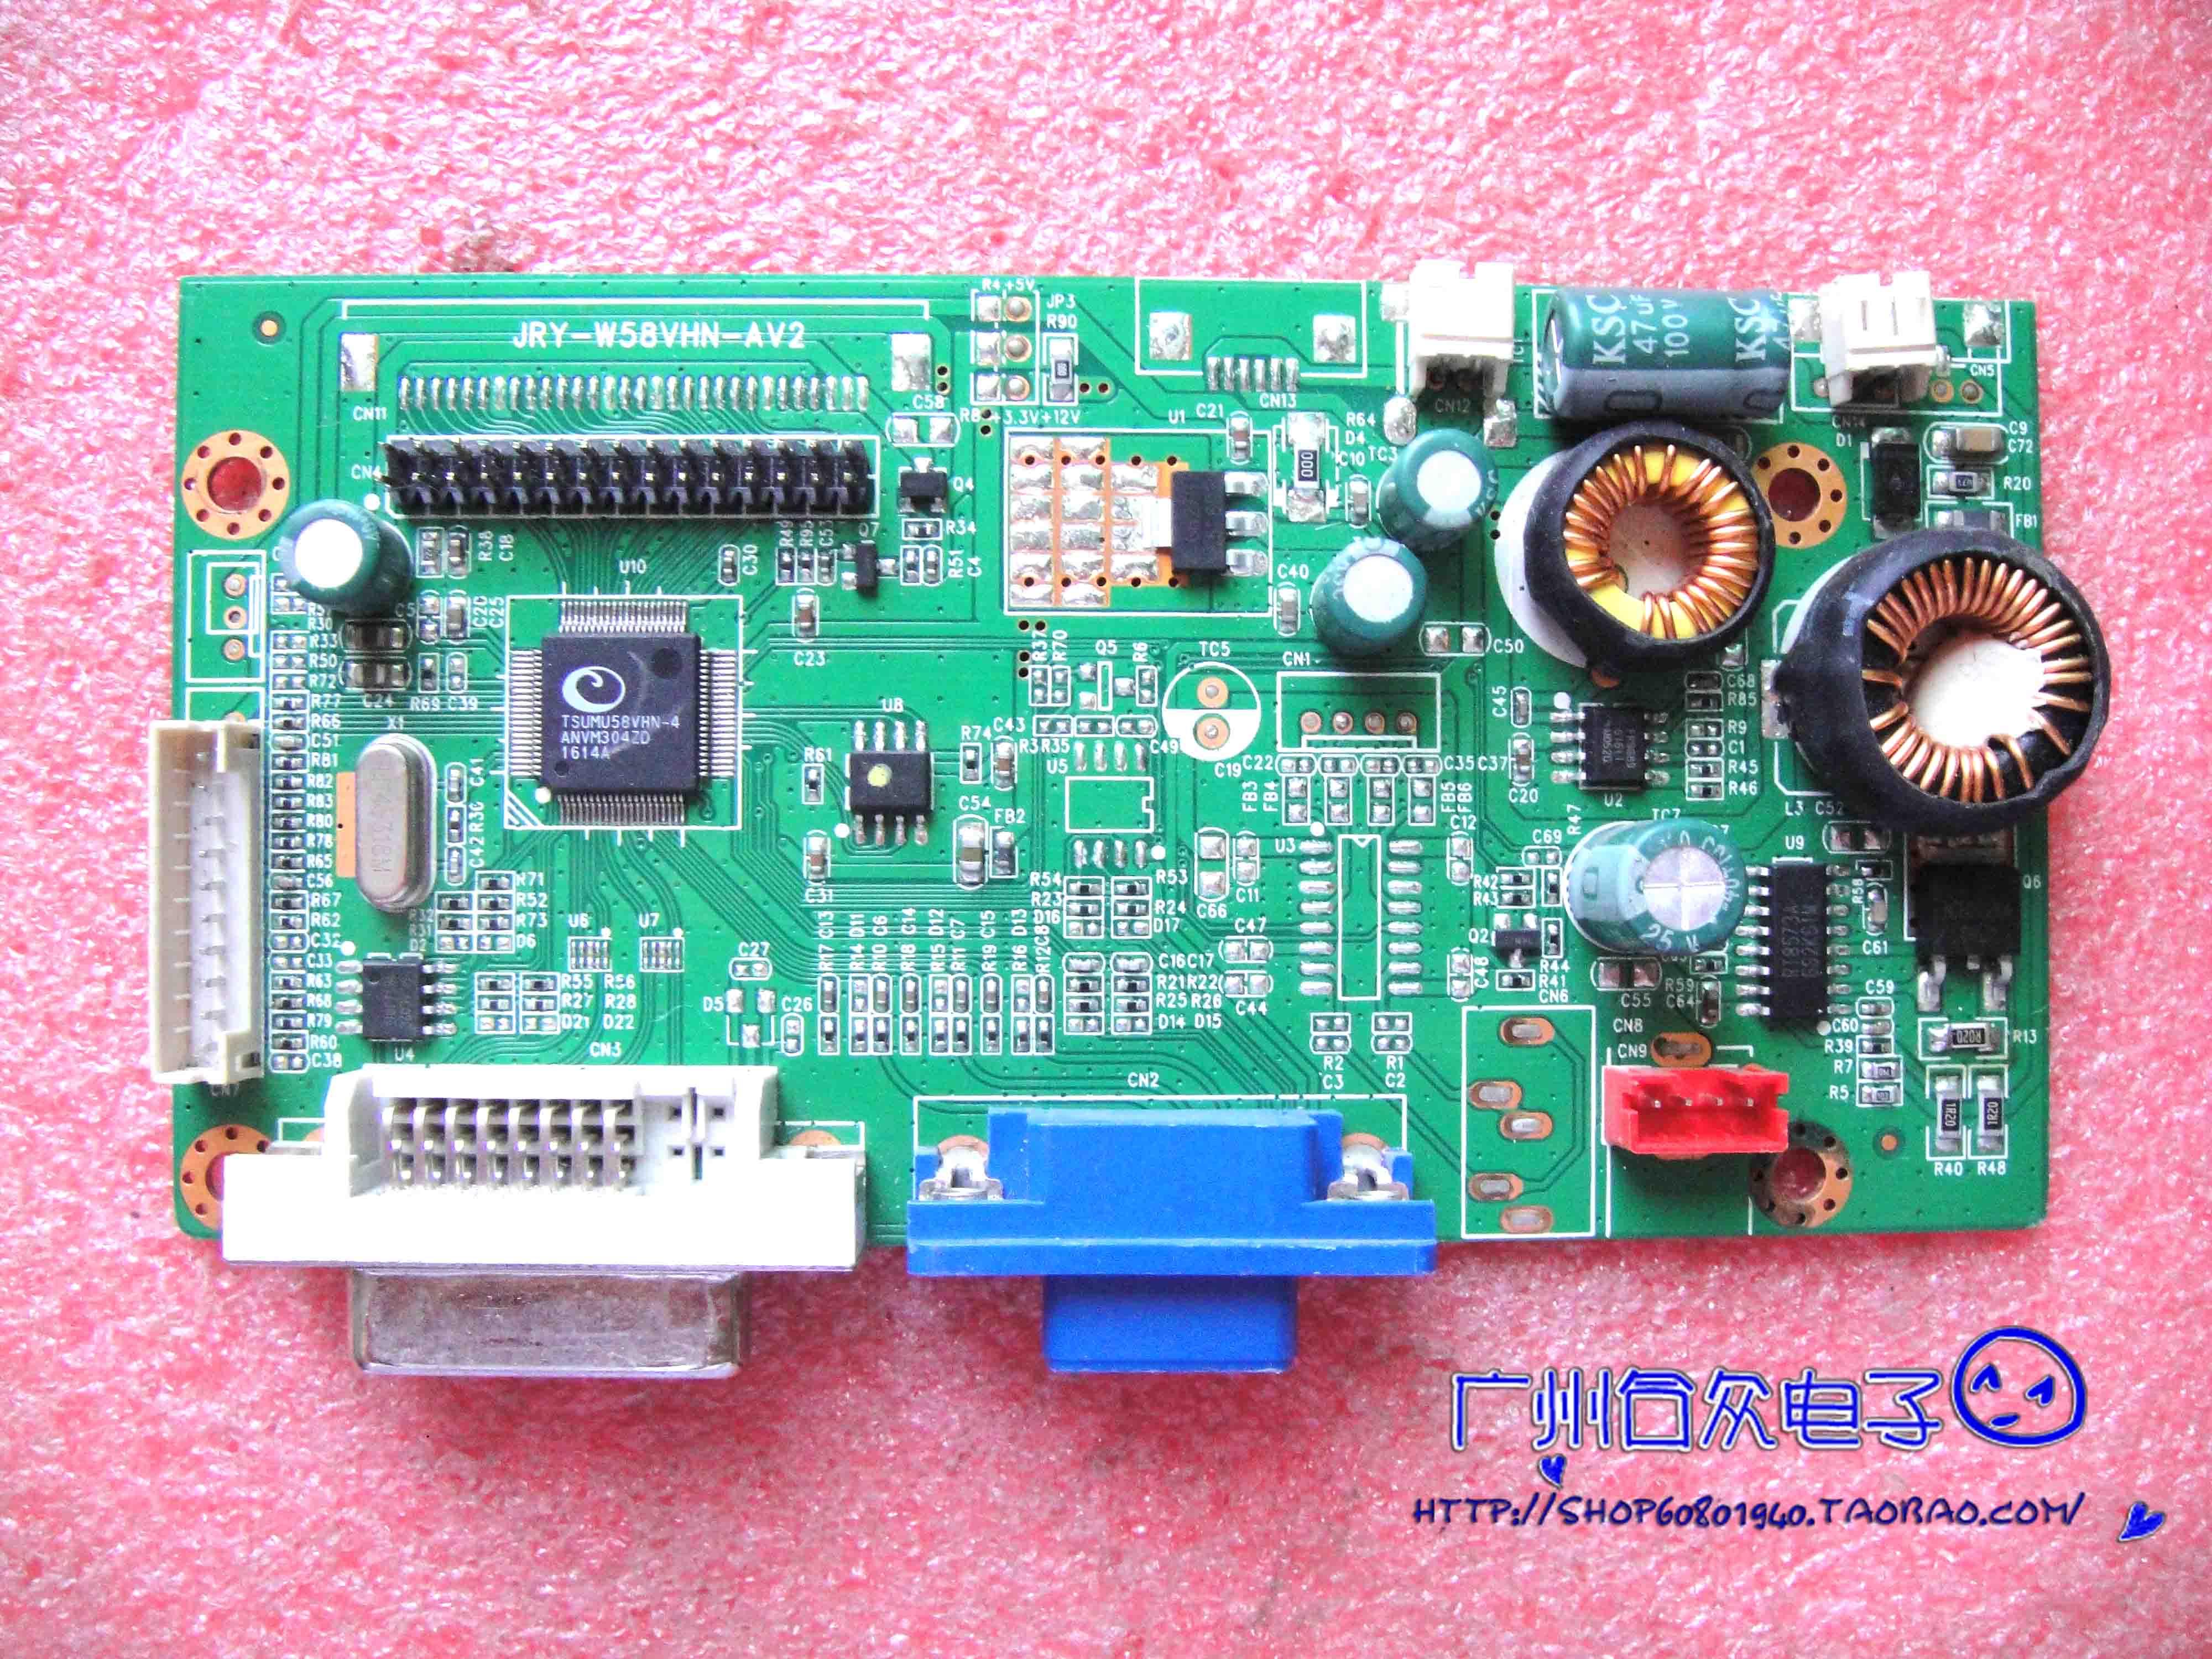 32 بوصة شاشة JRY-W58VHN-AV2 wescom E3215 محرك لوحة JRY-W58CHG-CV1